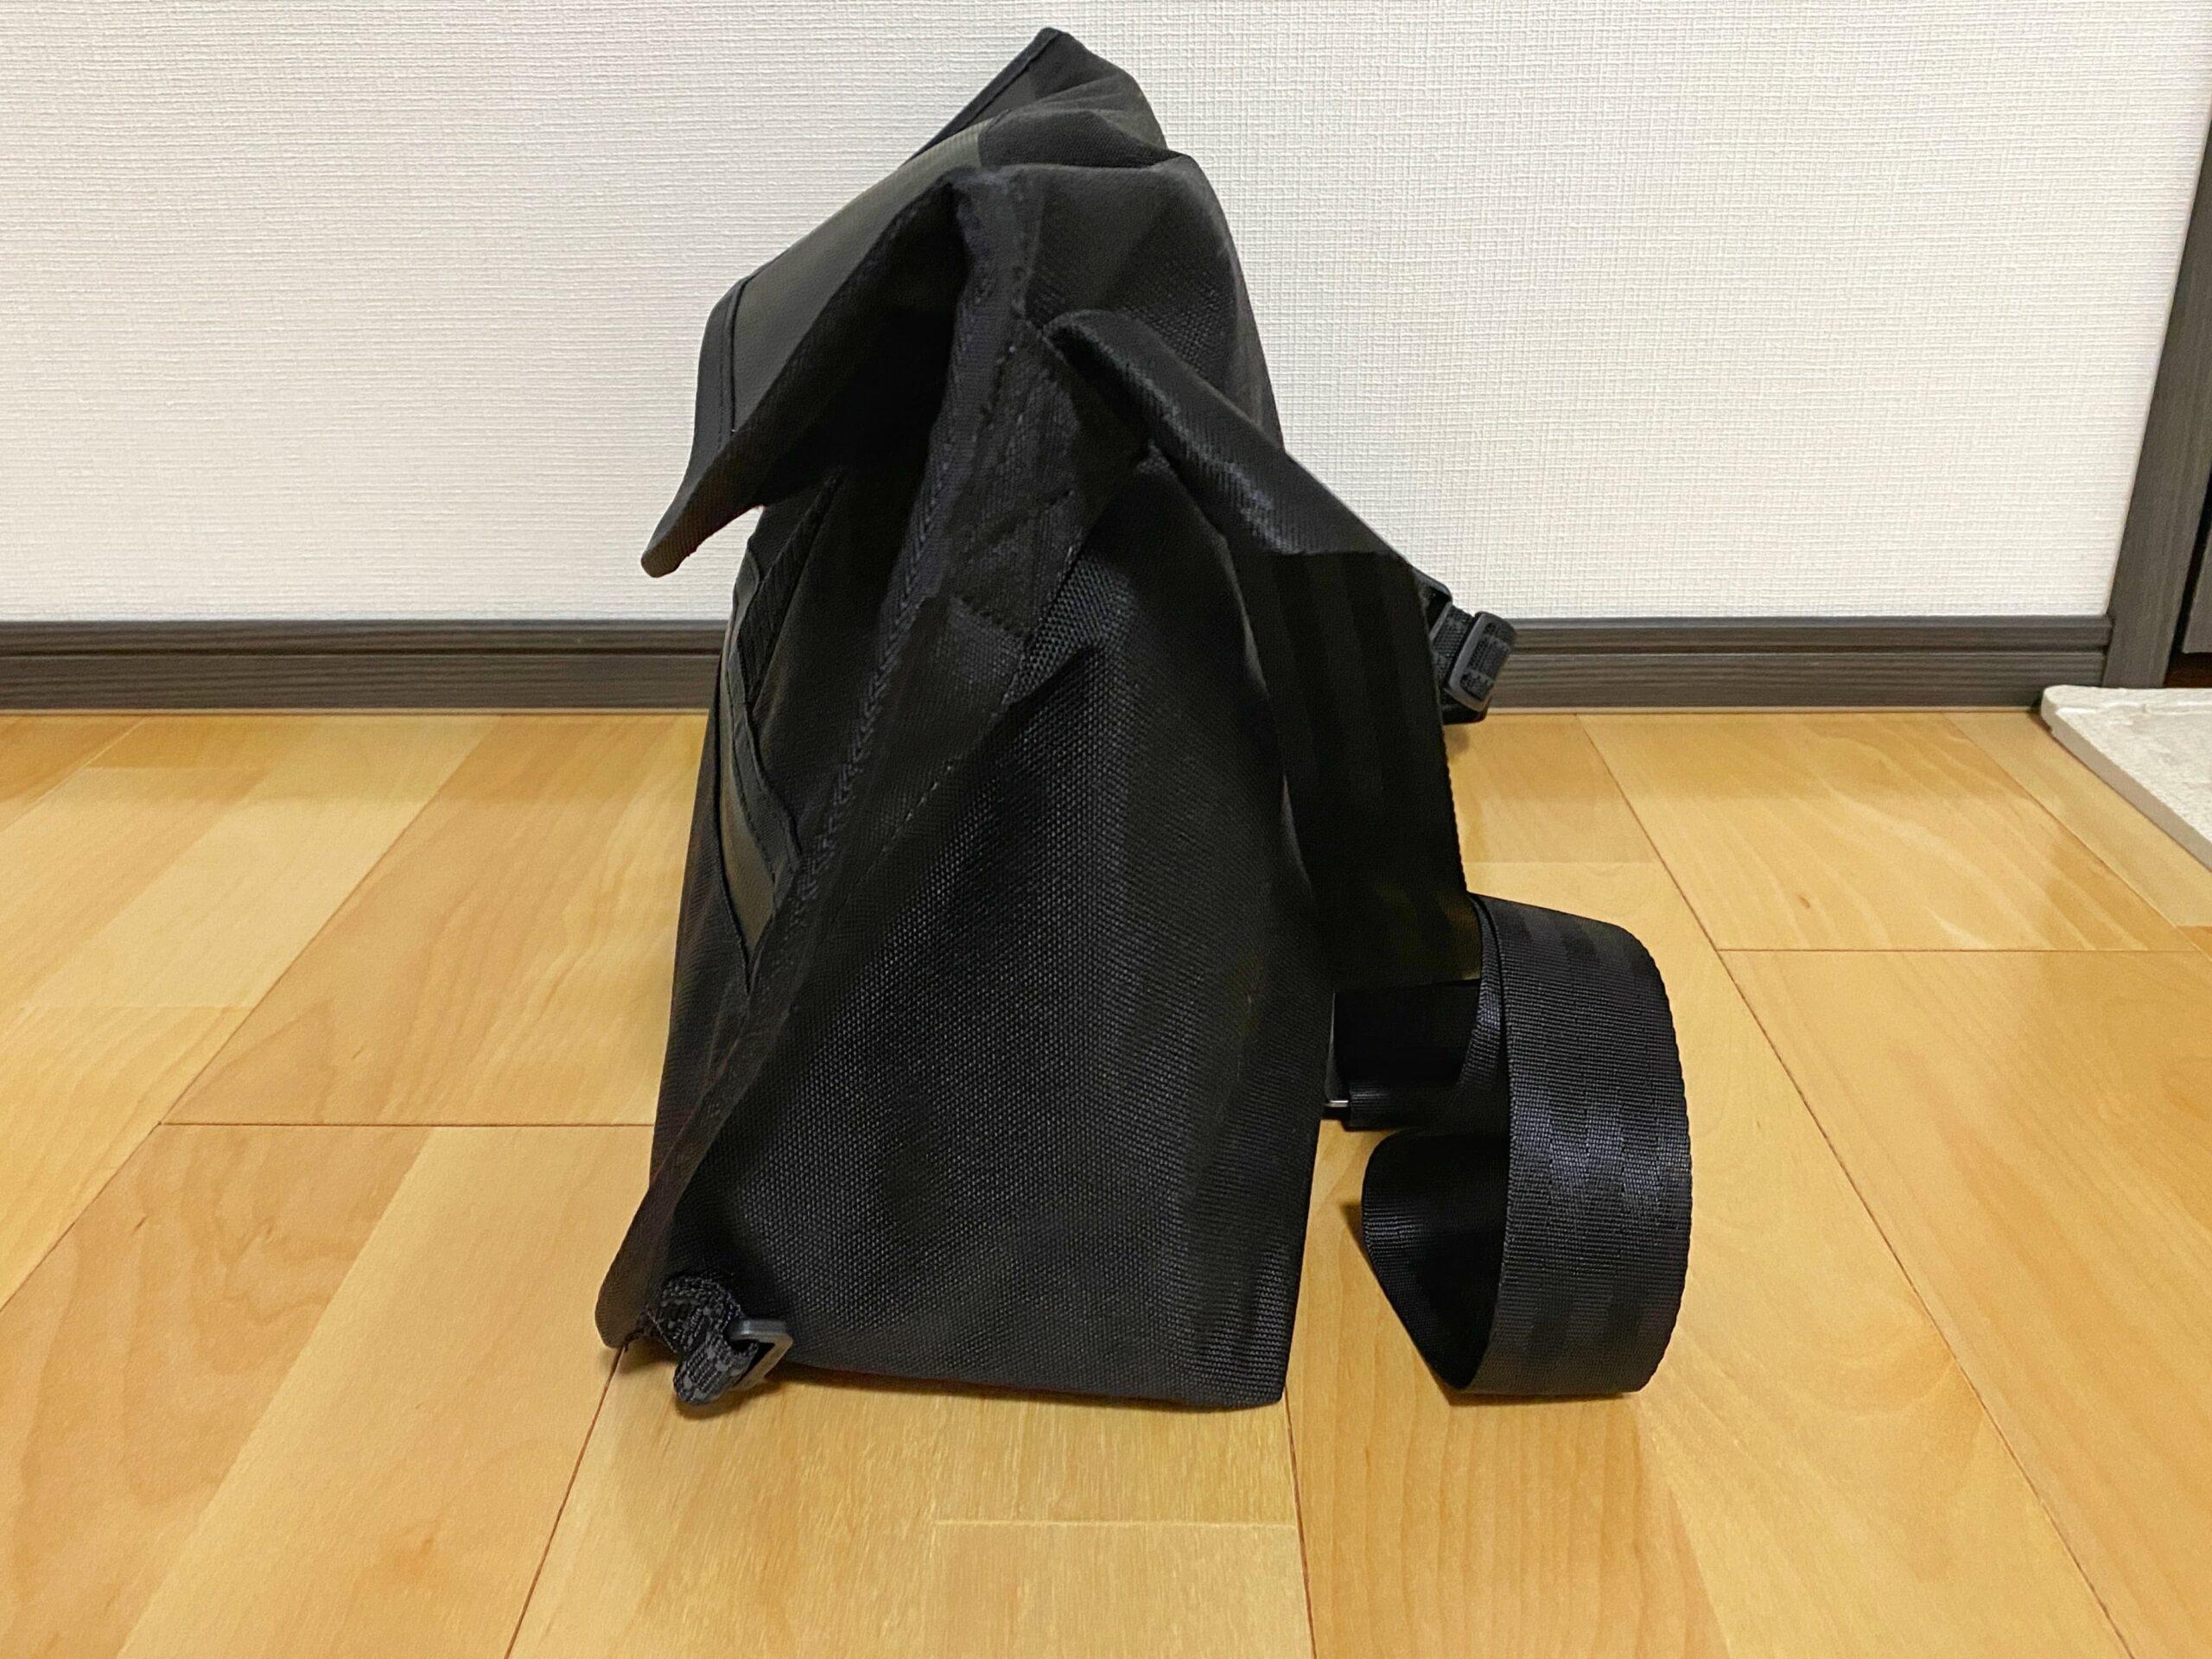 SIMPLE MESSENGER BAG 横向き画像